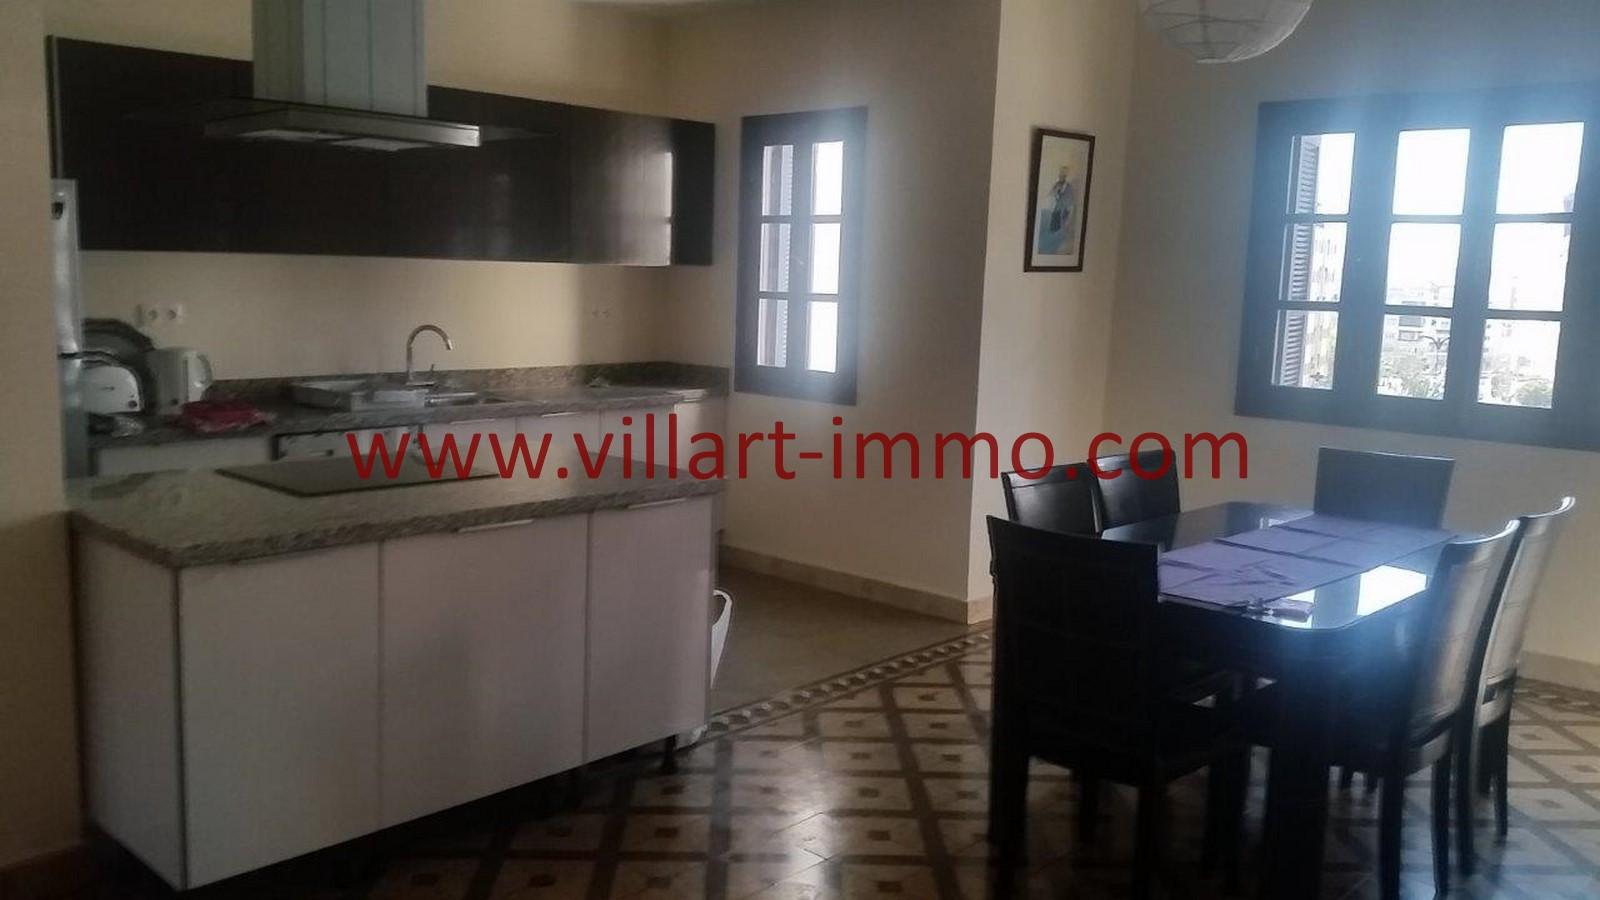 5-location-appartement-meuble-centre-ville-tanger-cuisine-l965-villart-immo